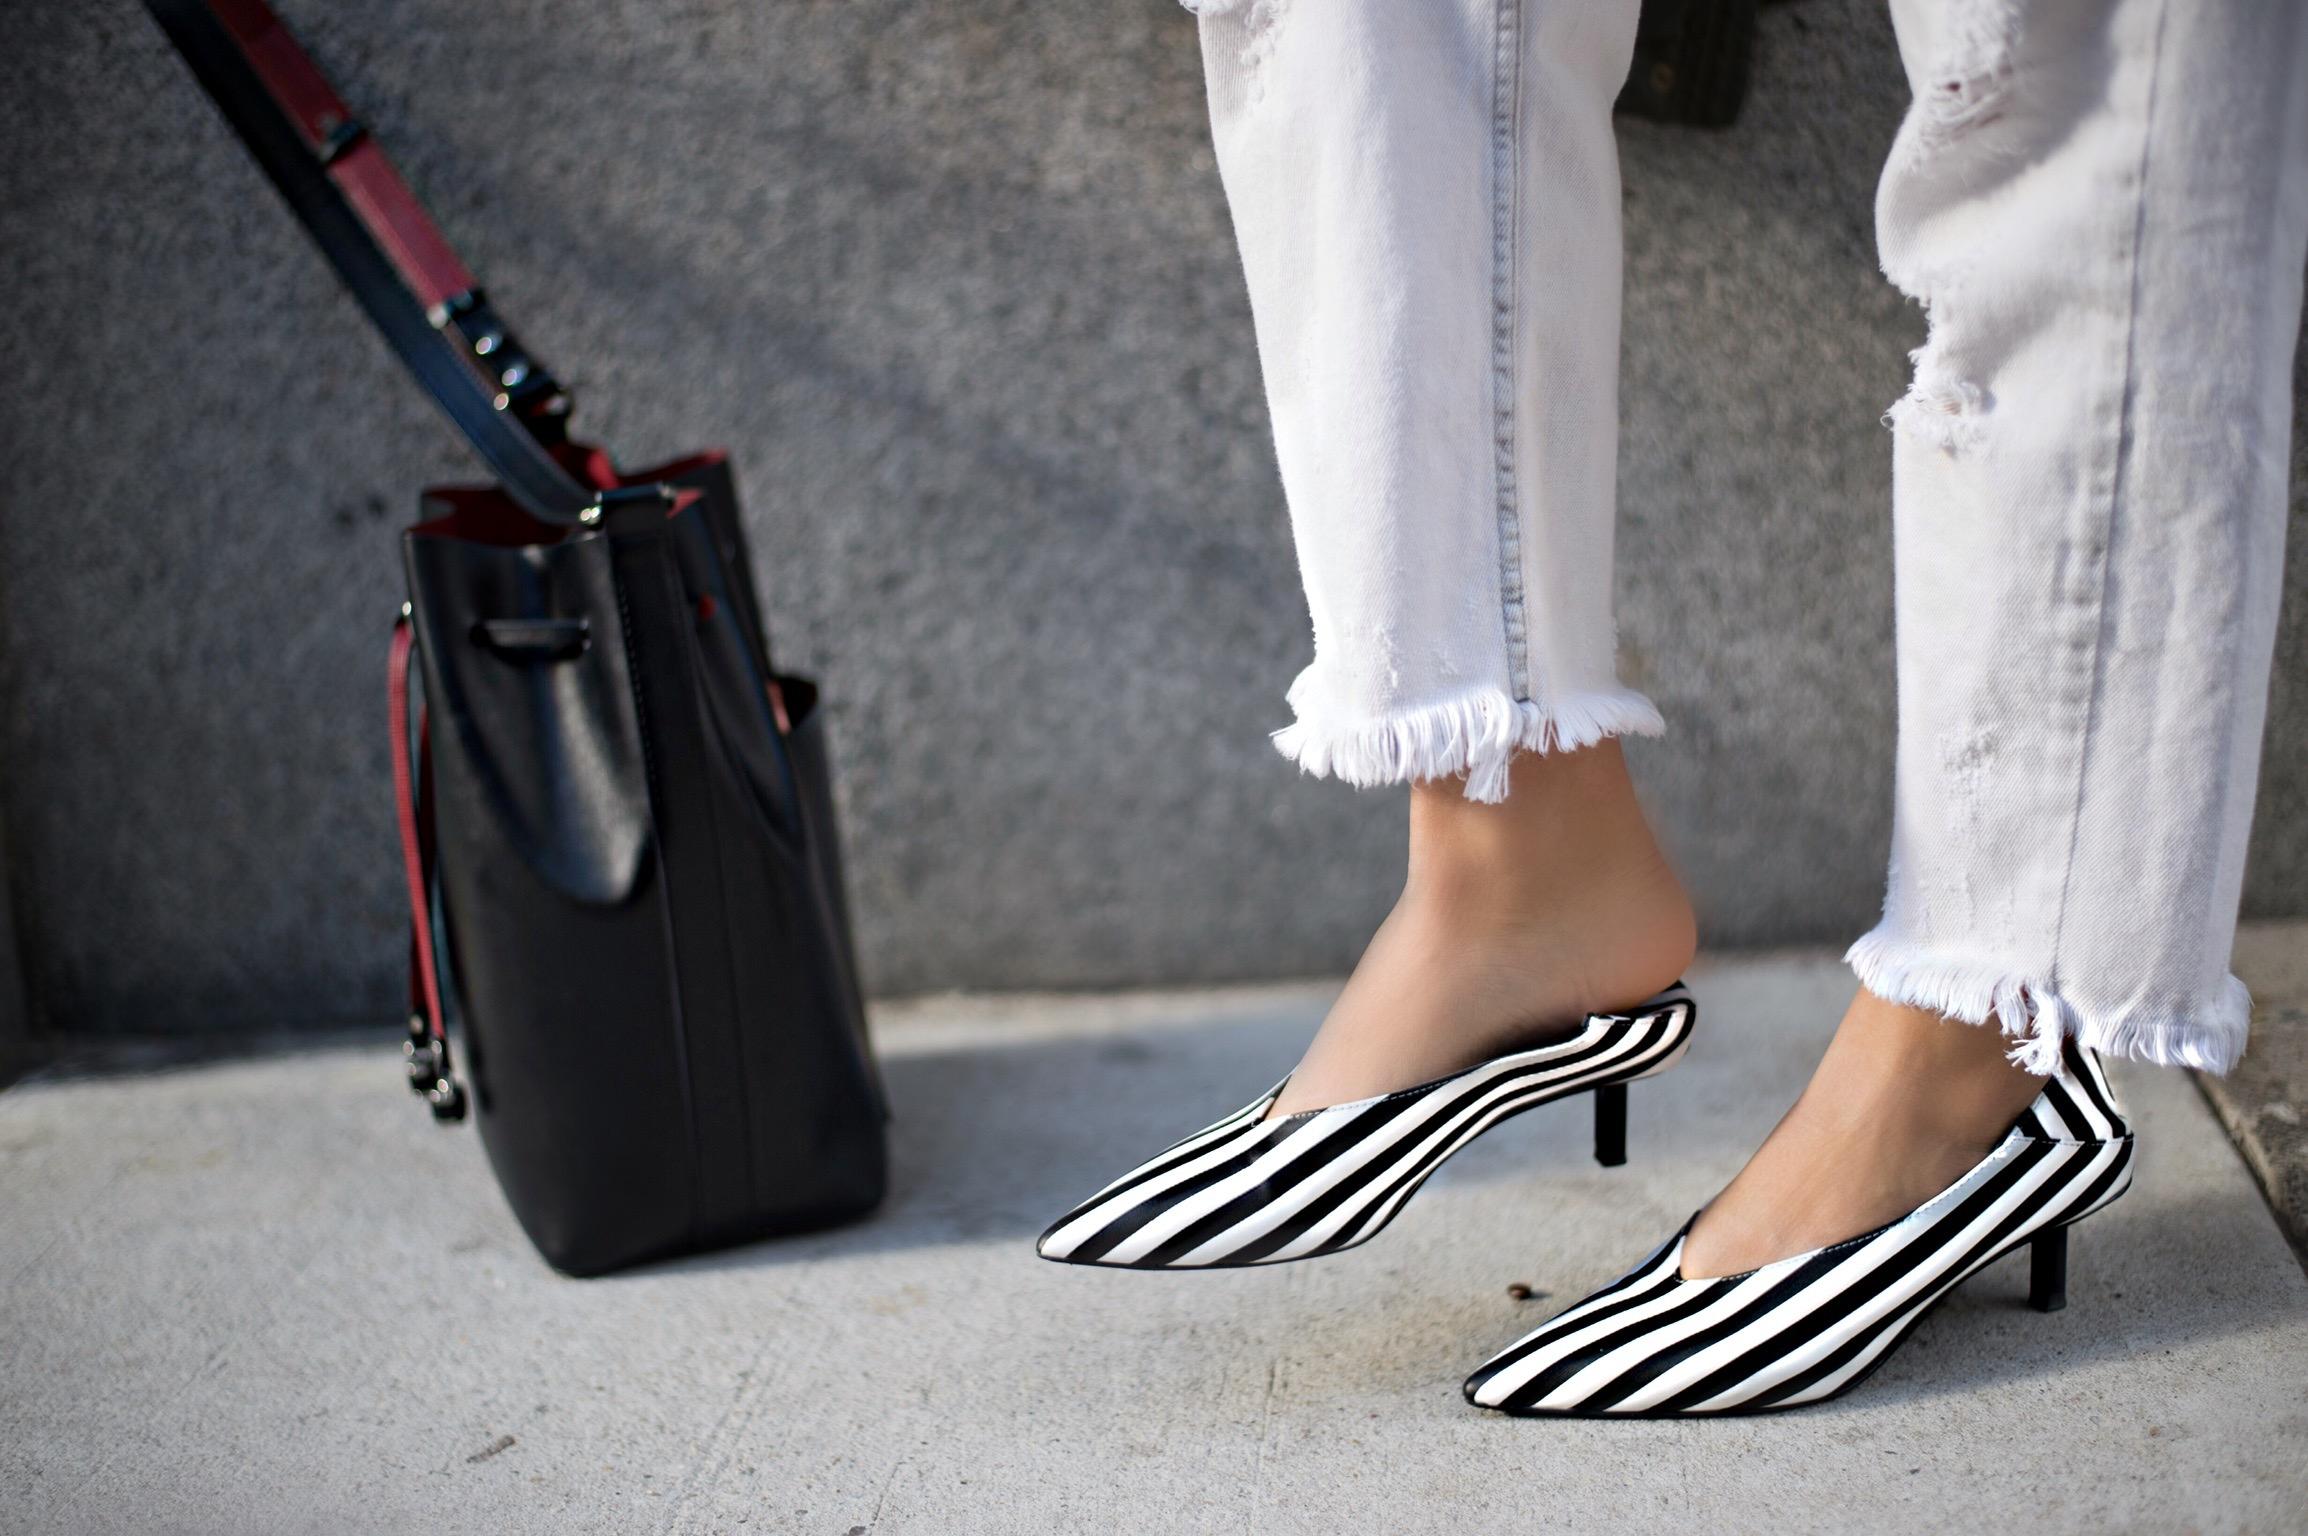 zara-stripe-sandals-mansur-gavriel-bucket-bag